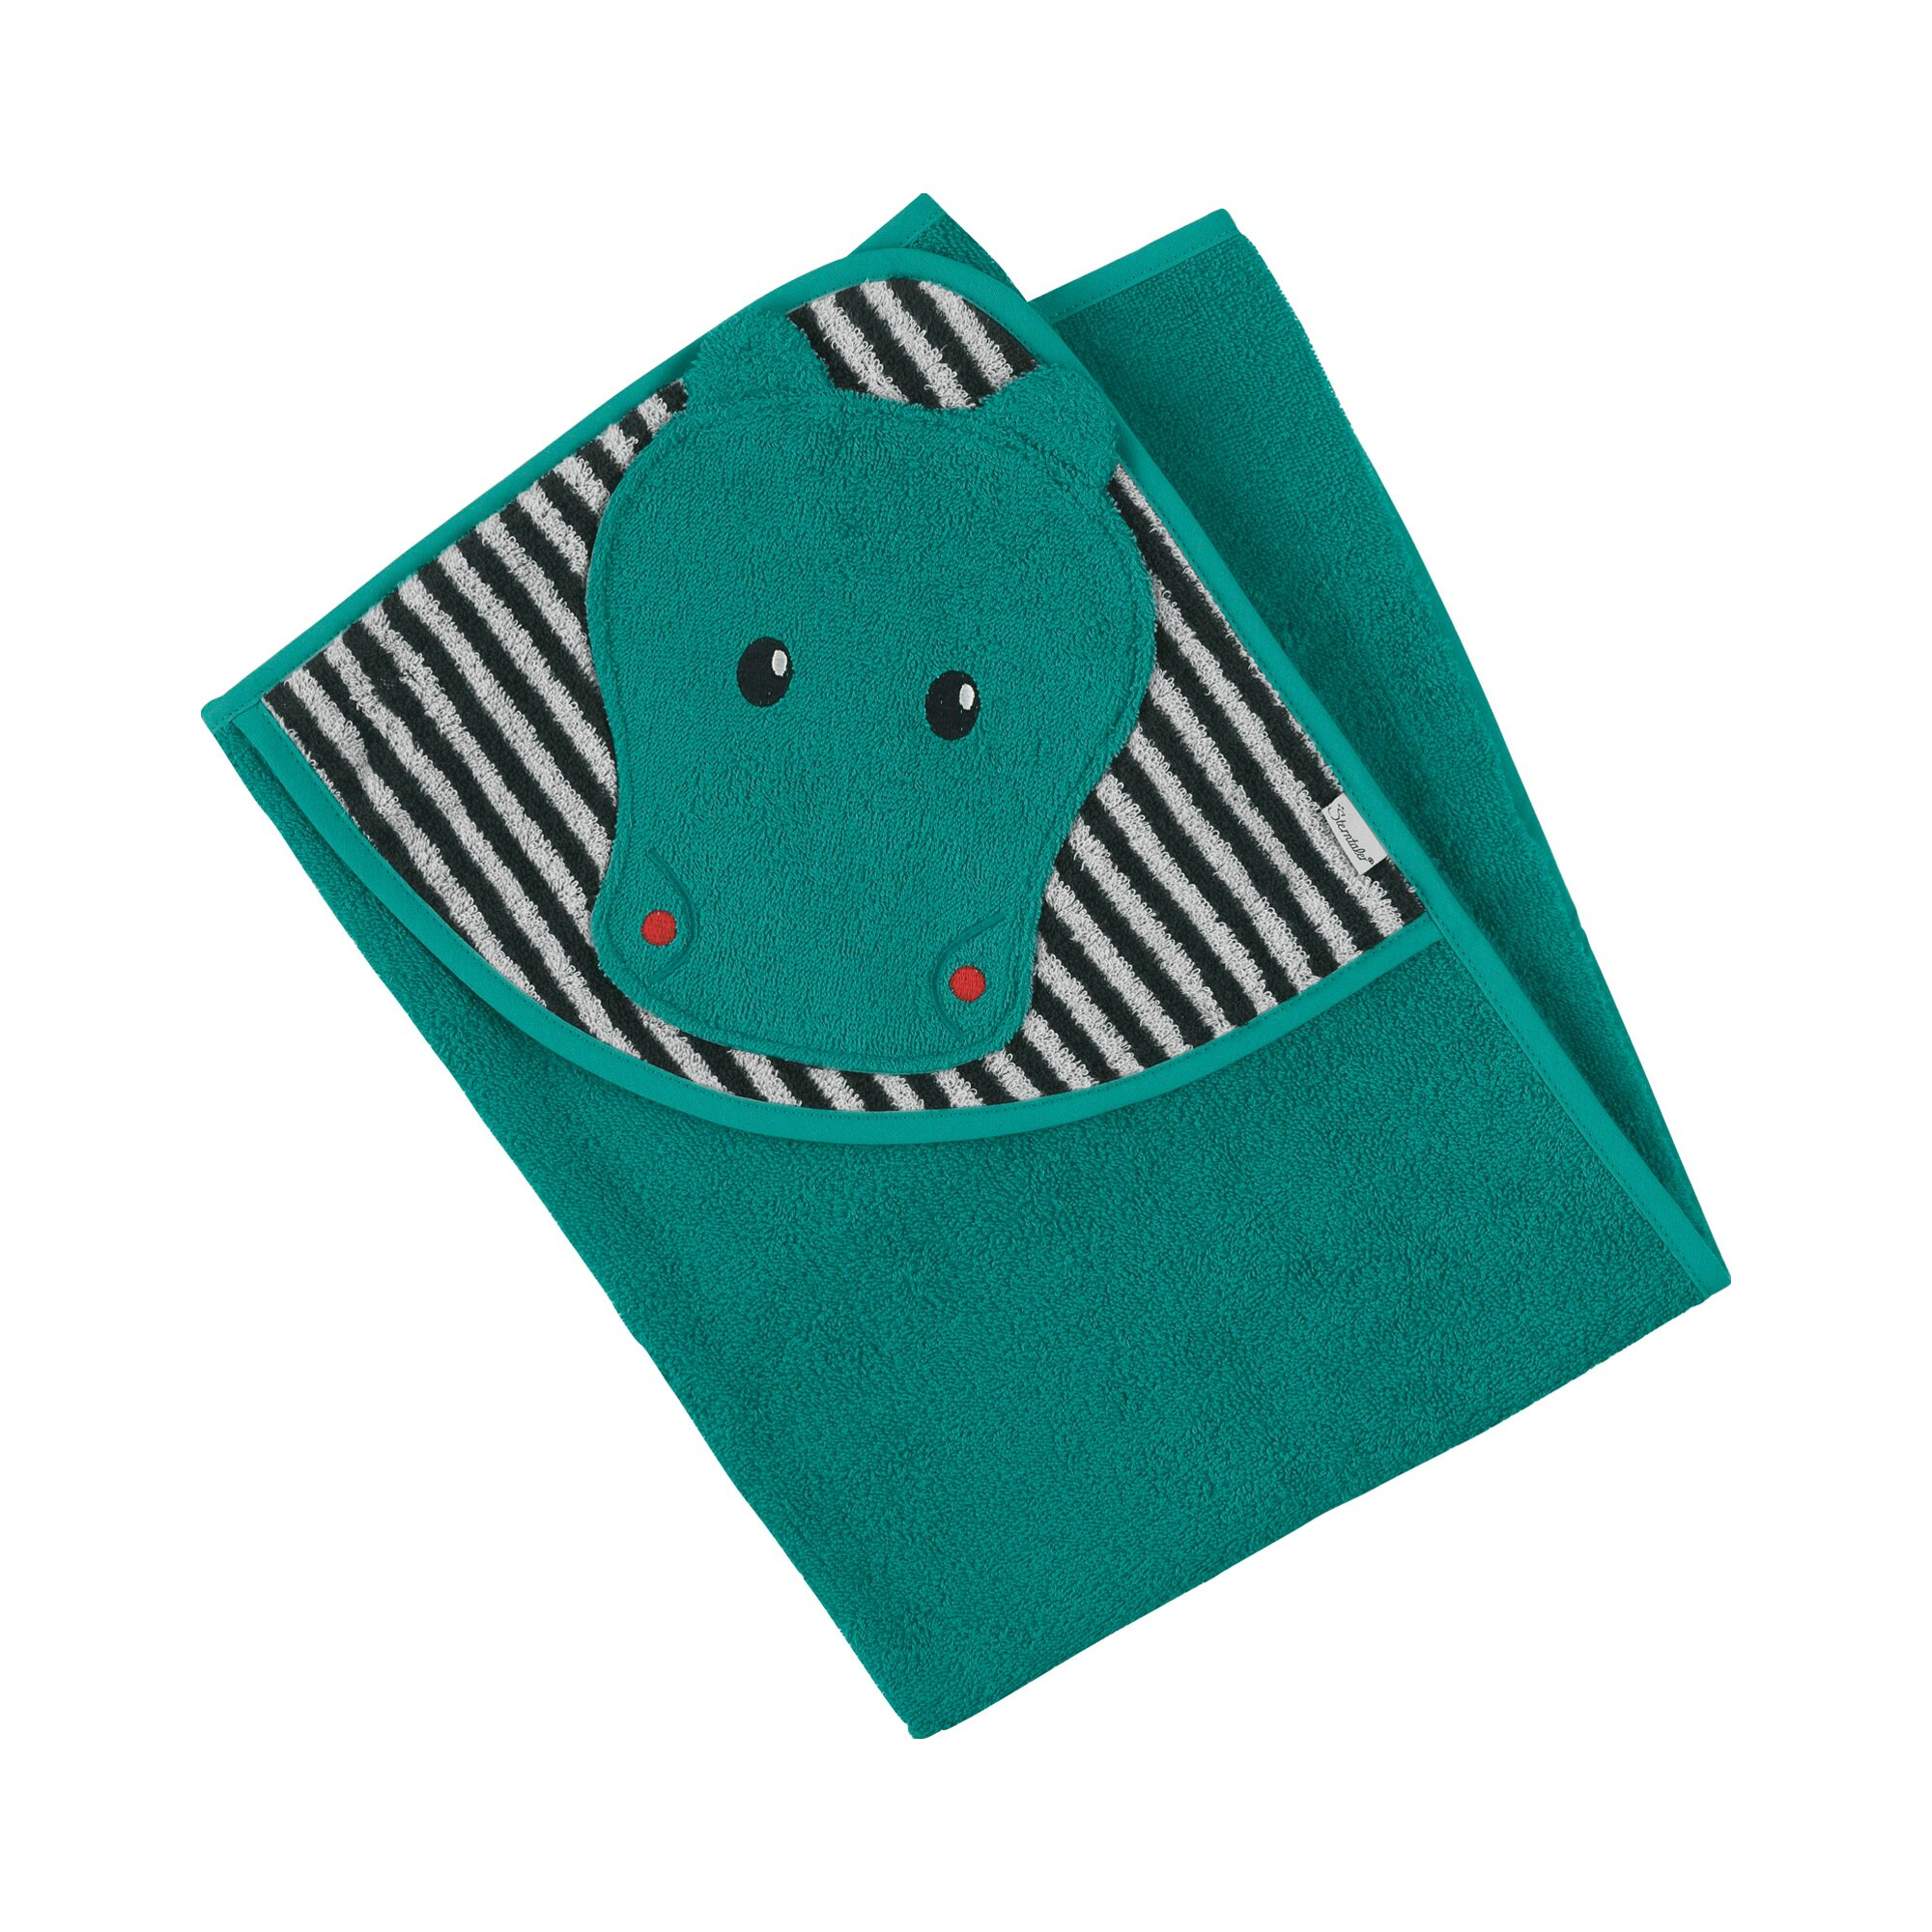 sterntaler-kapuzen-badetuch-mit-applikation-80x80-cm-kuschelzoo-gruen